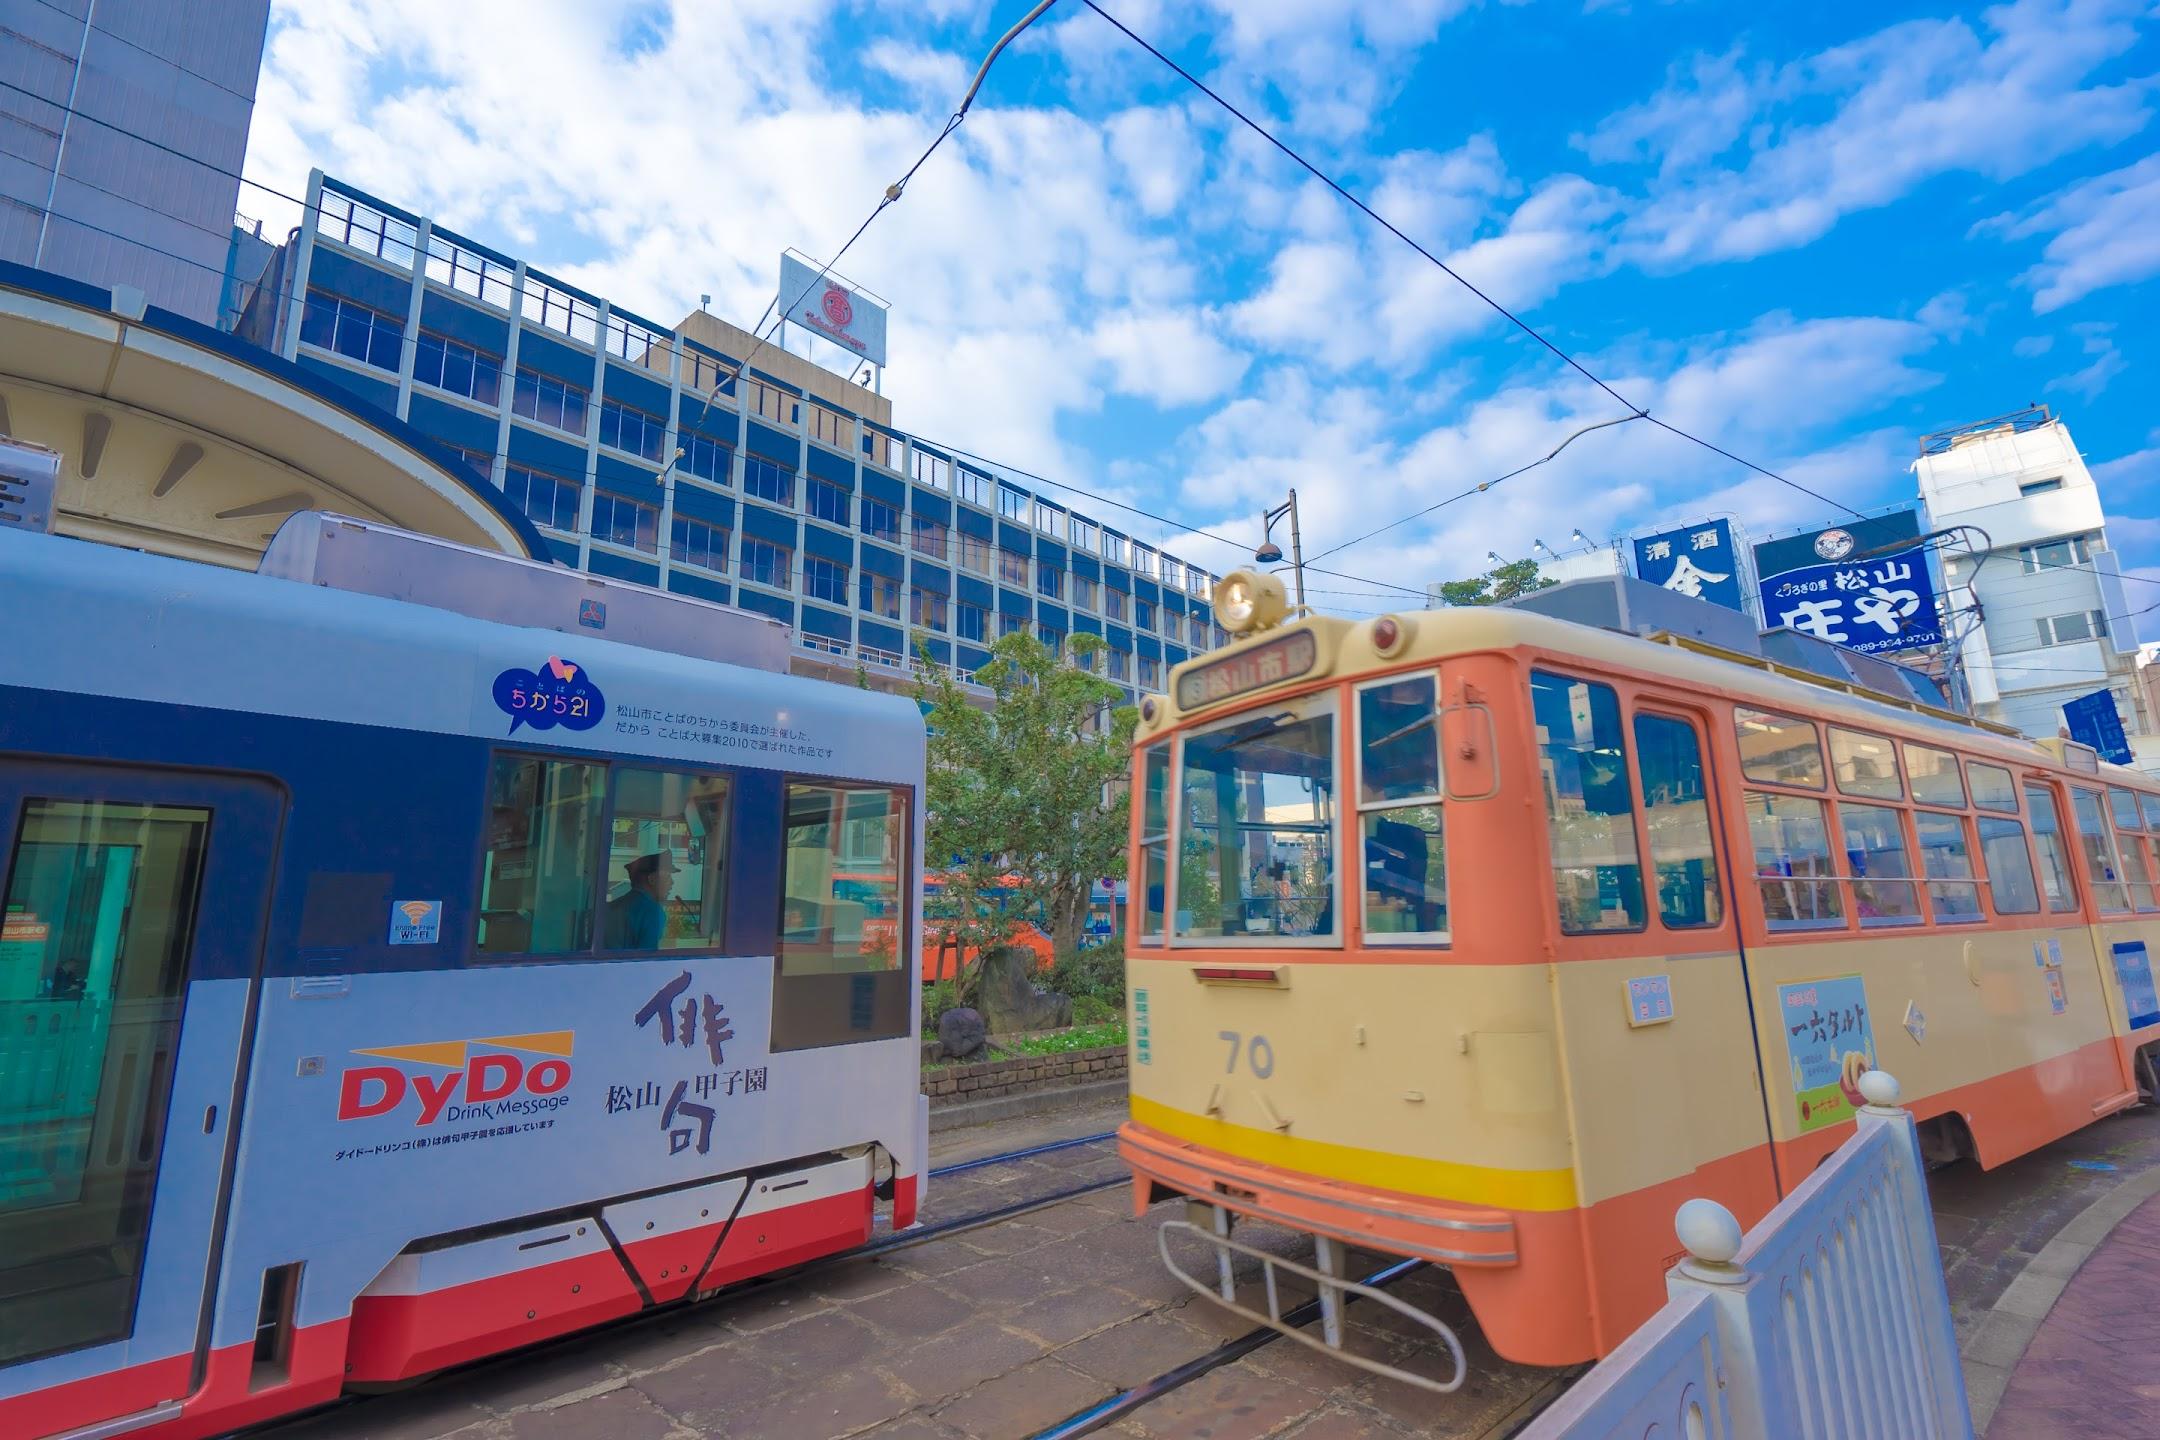 松山 市内電車(路面電車)4